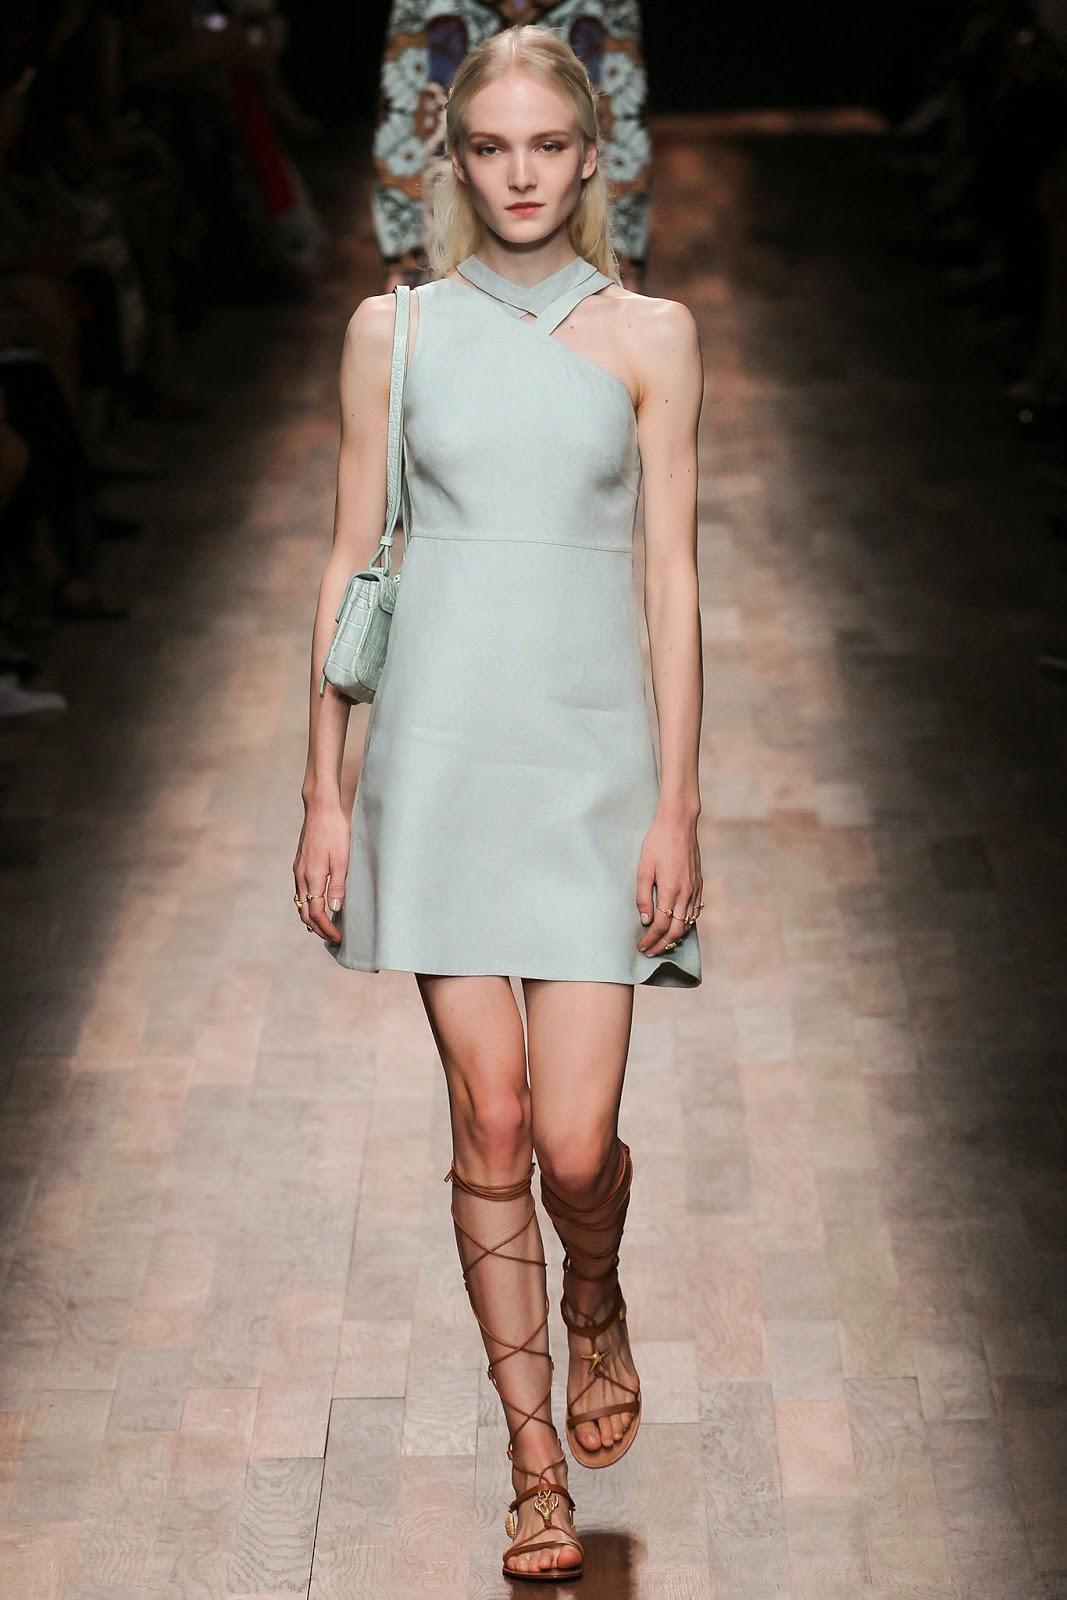 valentino 2015 summer 2016 trend women dress9 Valentino 2015 samling, våren sommaren 2016 Valentino klänning modeller, Valentino kväll klänning nya säsongen kvinnors kjolar modeller